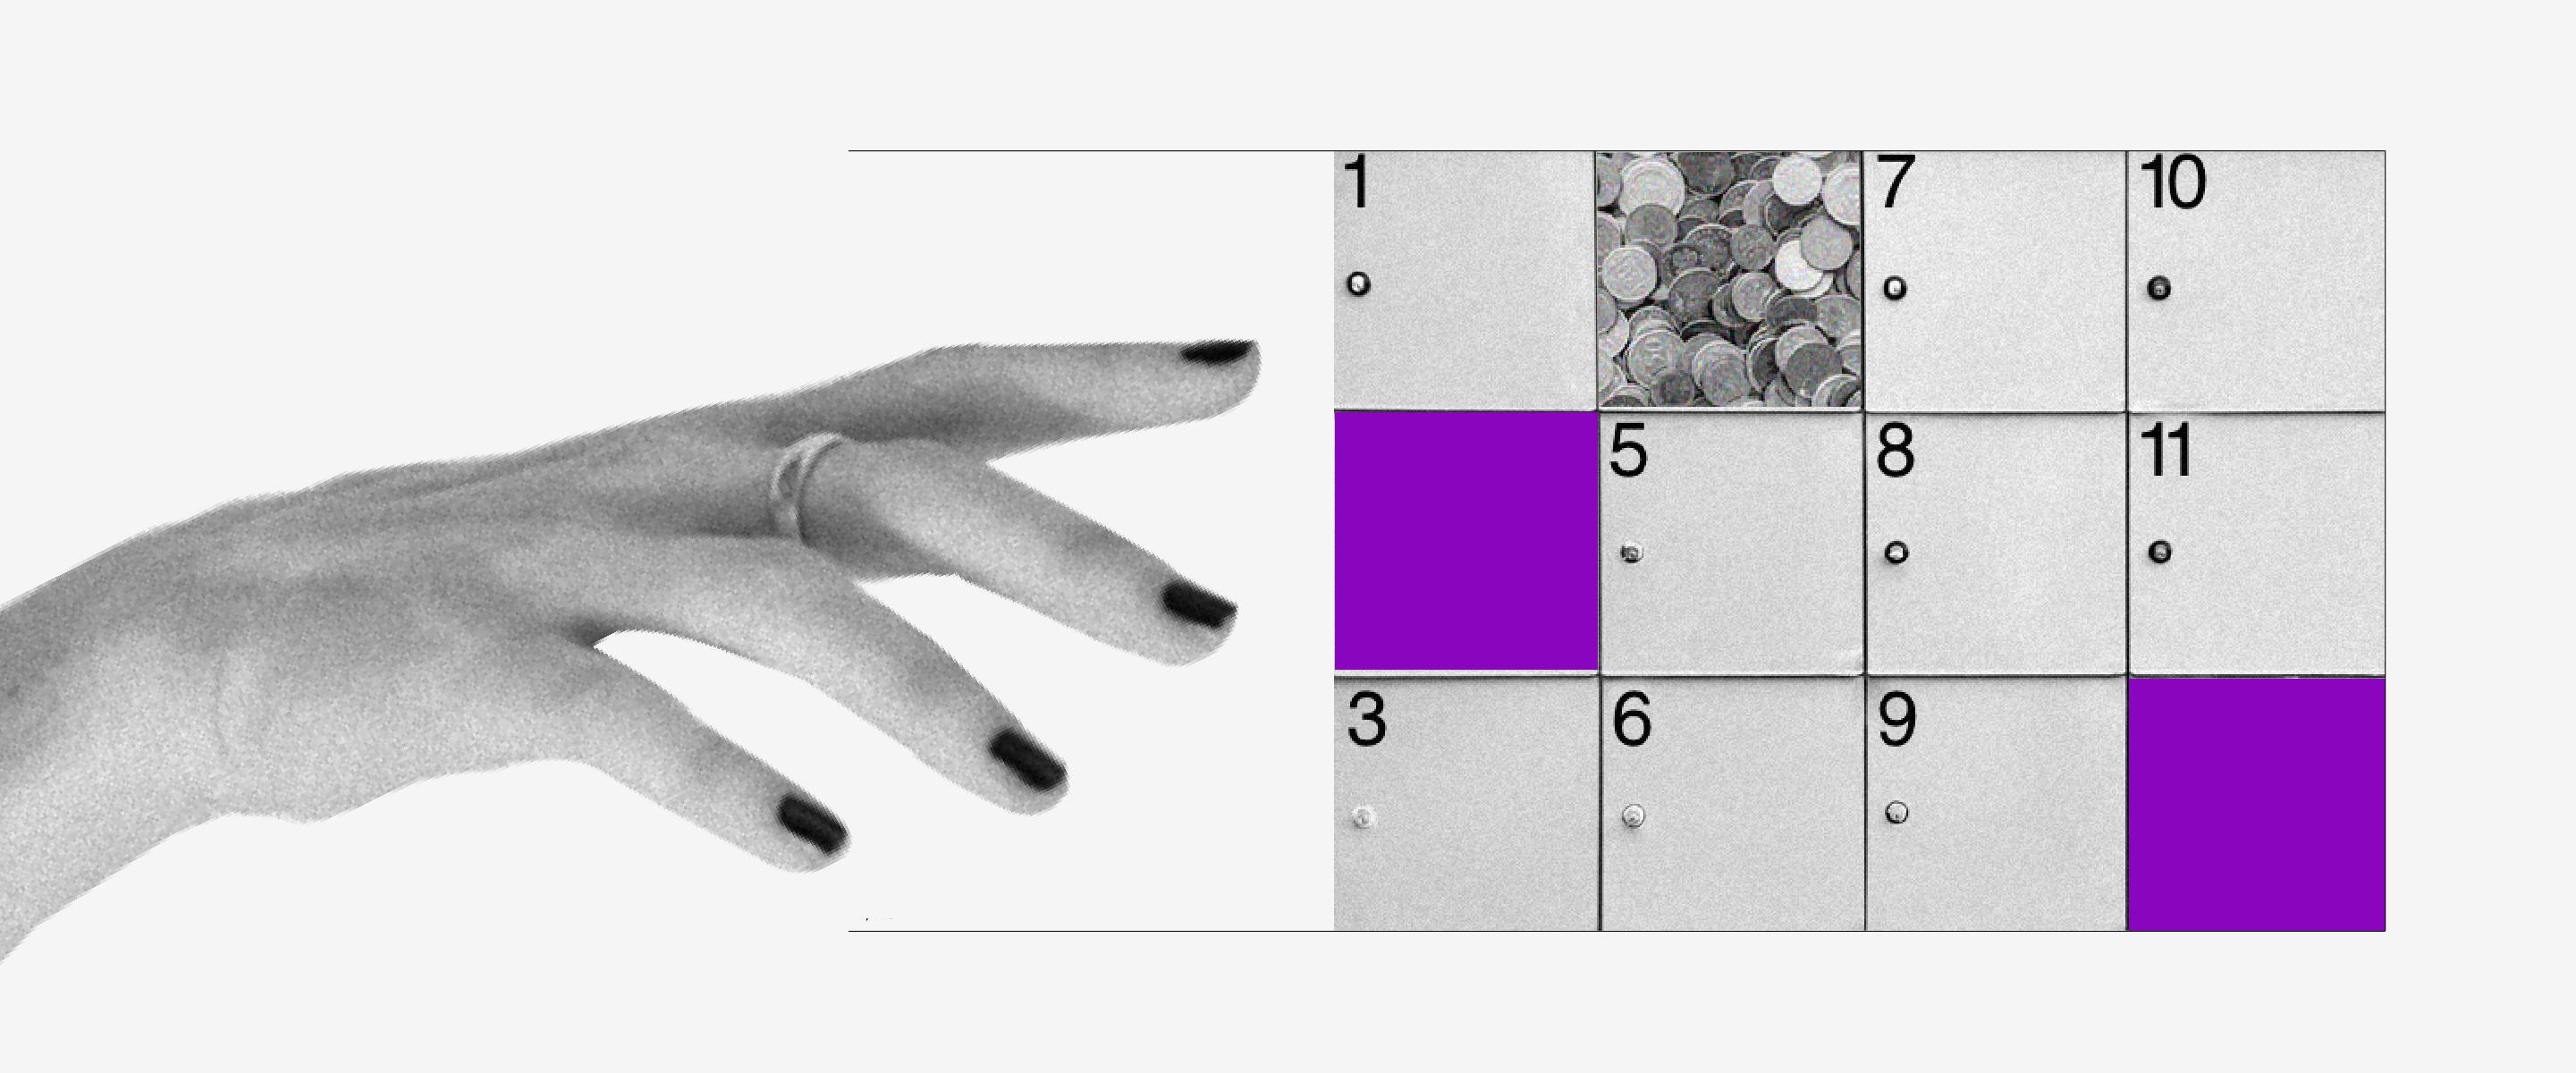 Calendário terceira parcela do auxílio emergencial: imagem de um calendário com alguns quadrados cinzas e outros roxos. Um deles está preenchido de moedas. Uma mão se aproxima para pegar as moedas.